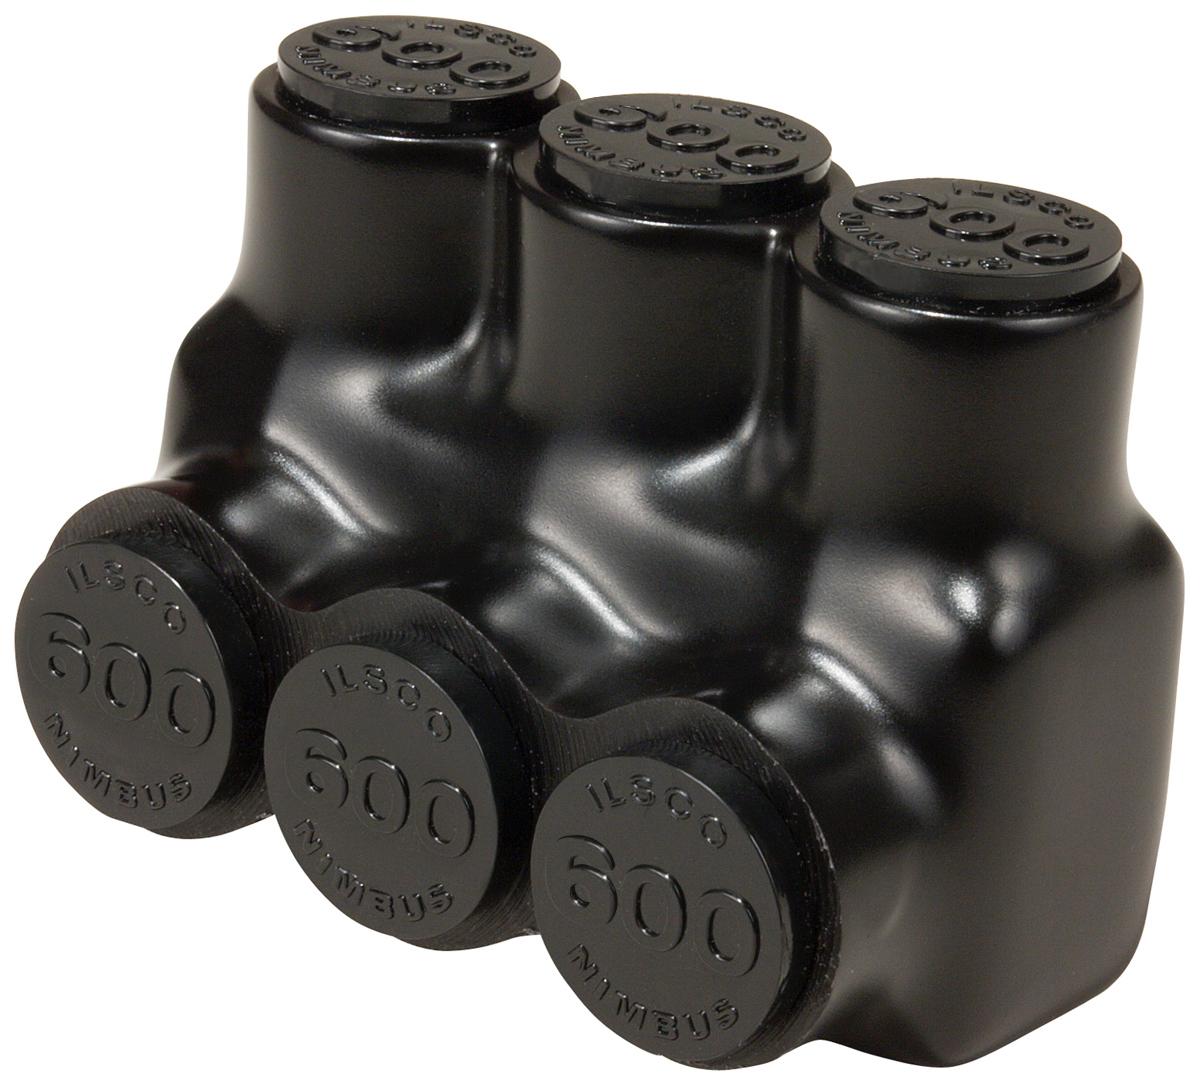 Ilsco,PBTS-3-1/0,INSUL AL MECH (3) 1/0-14 SGL TUL CSA